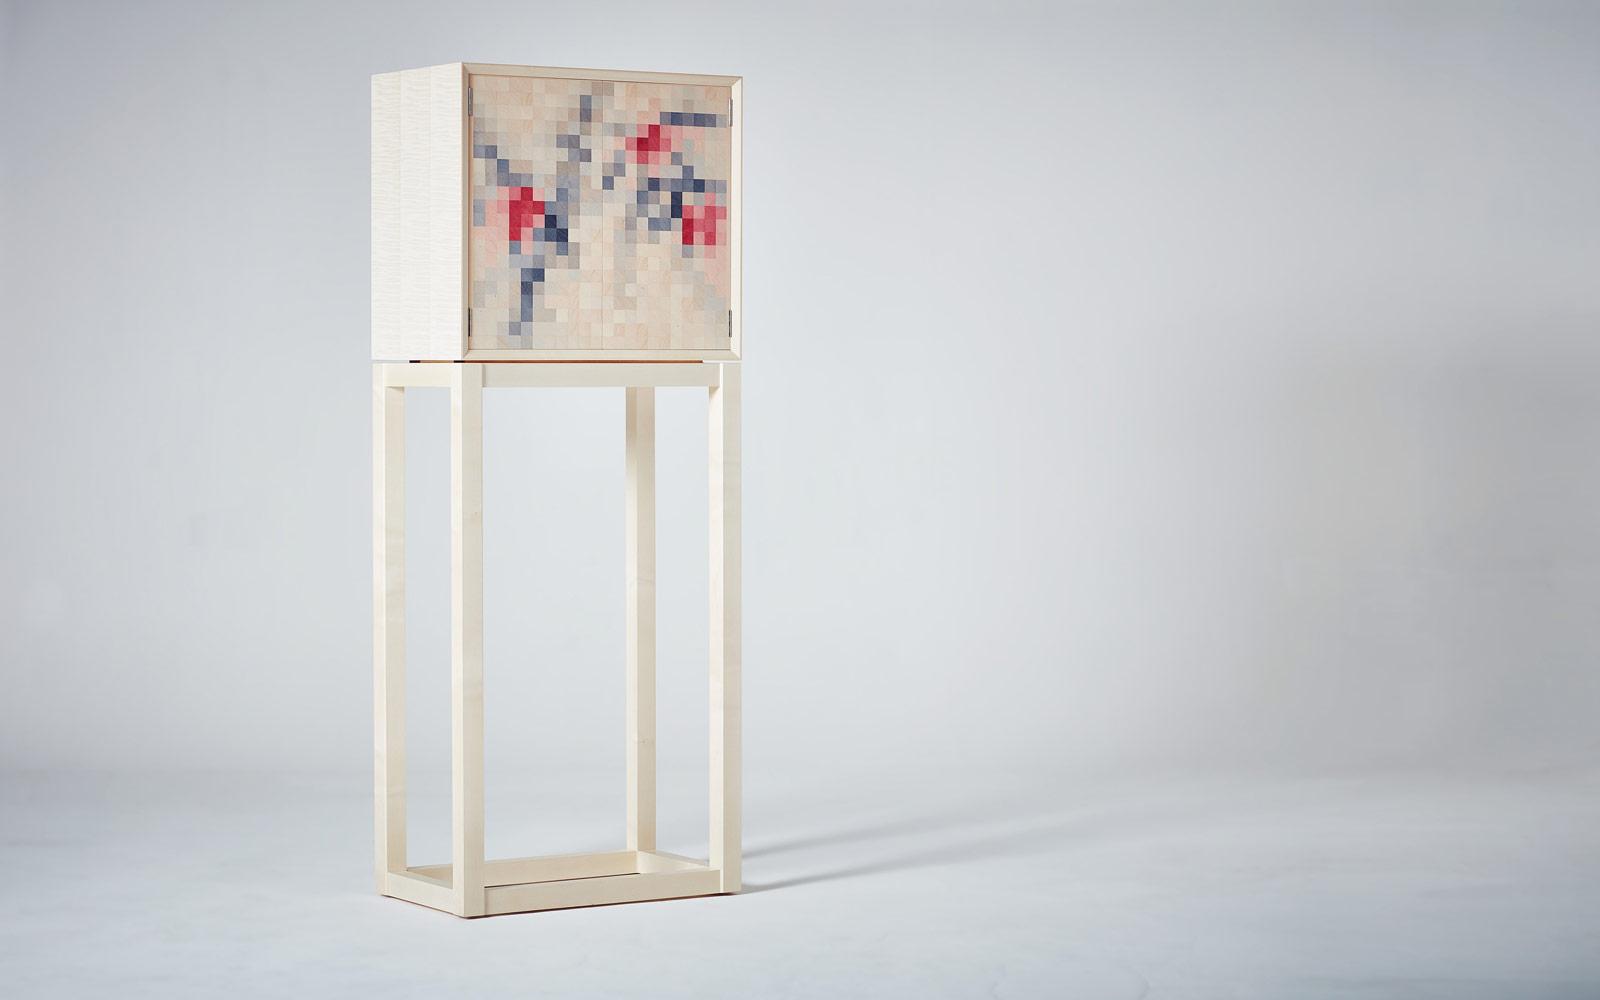 FI-kevin-stamper-plumb-blossom-cocktail-cabinet-08.jpg